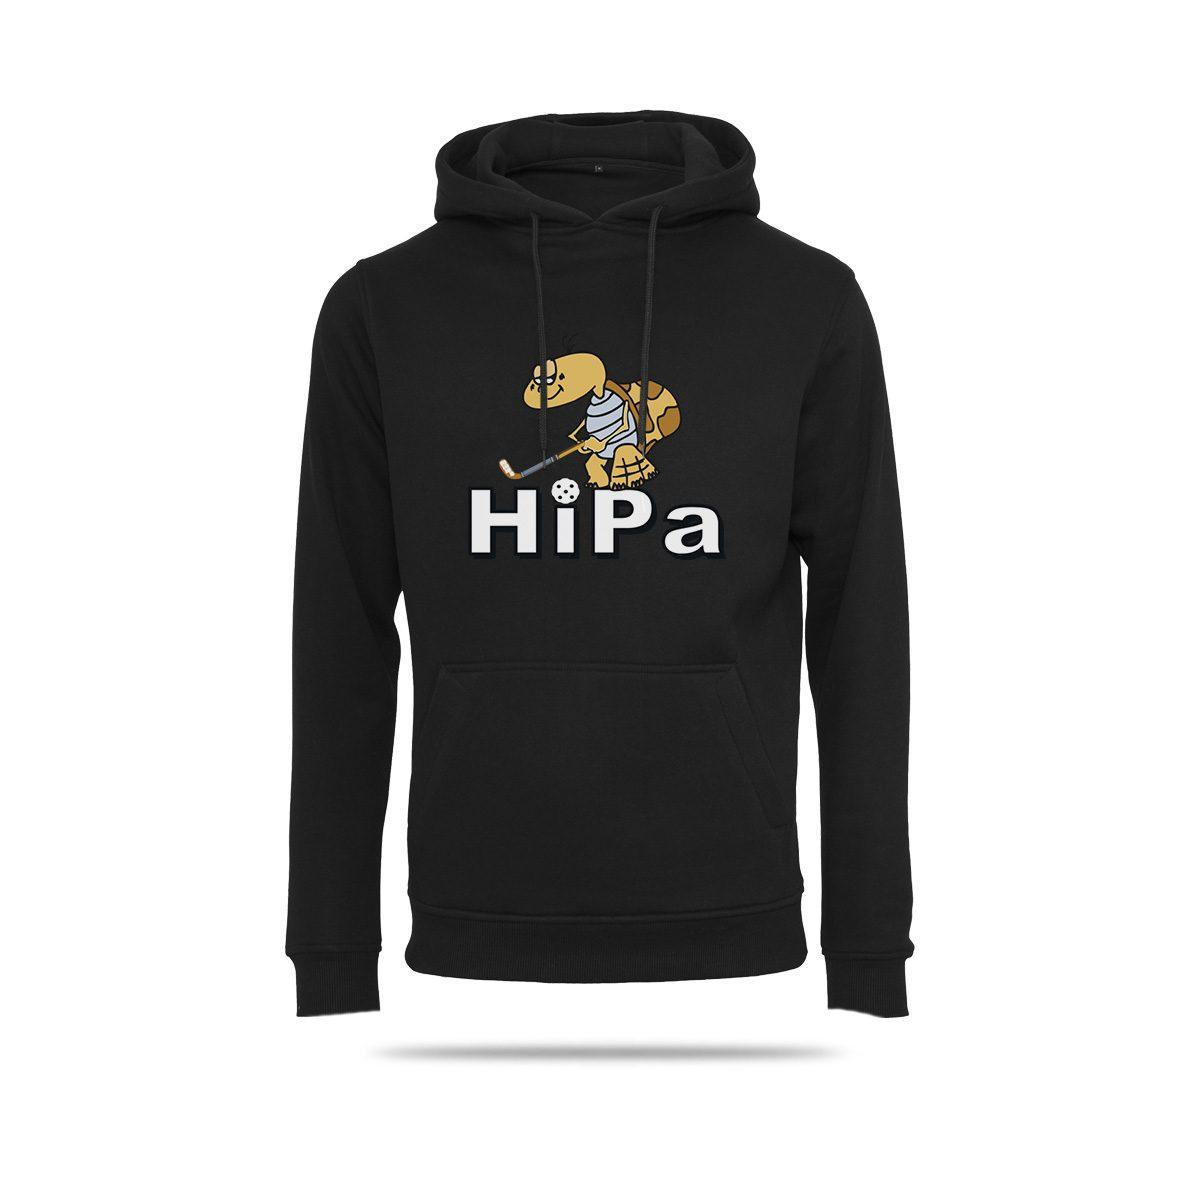 Hipa-6003